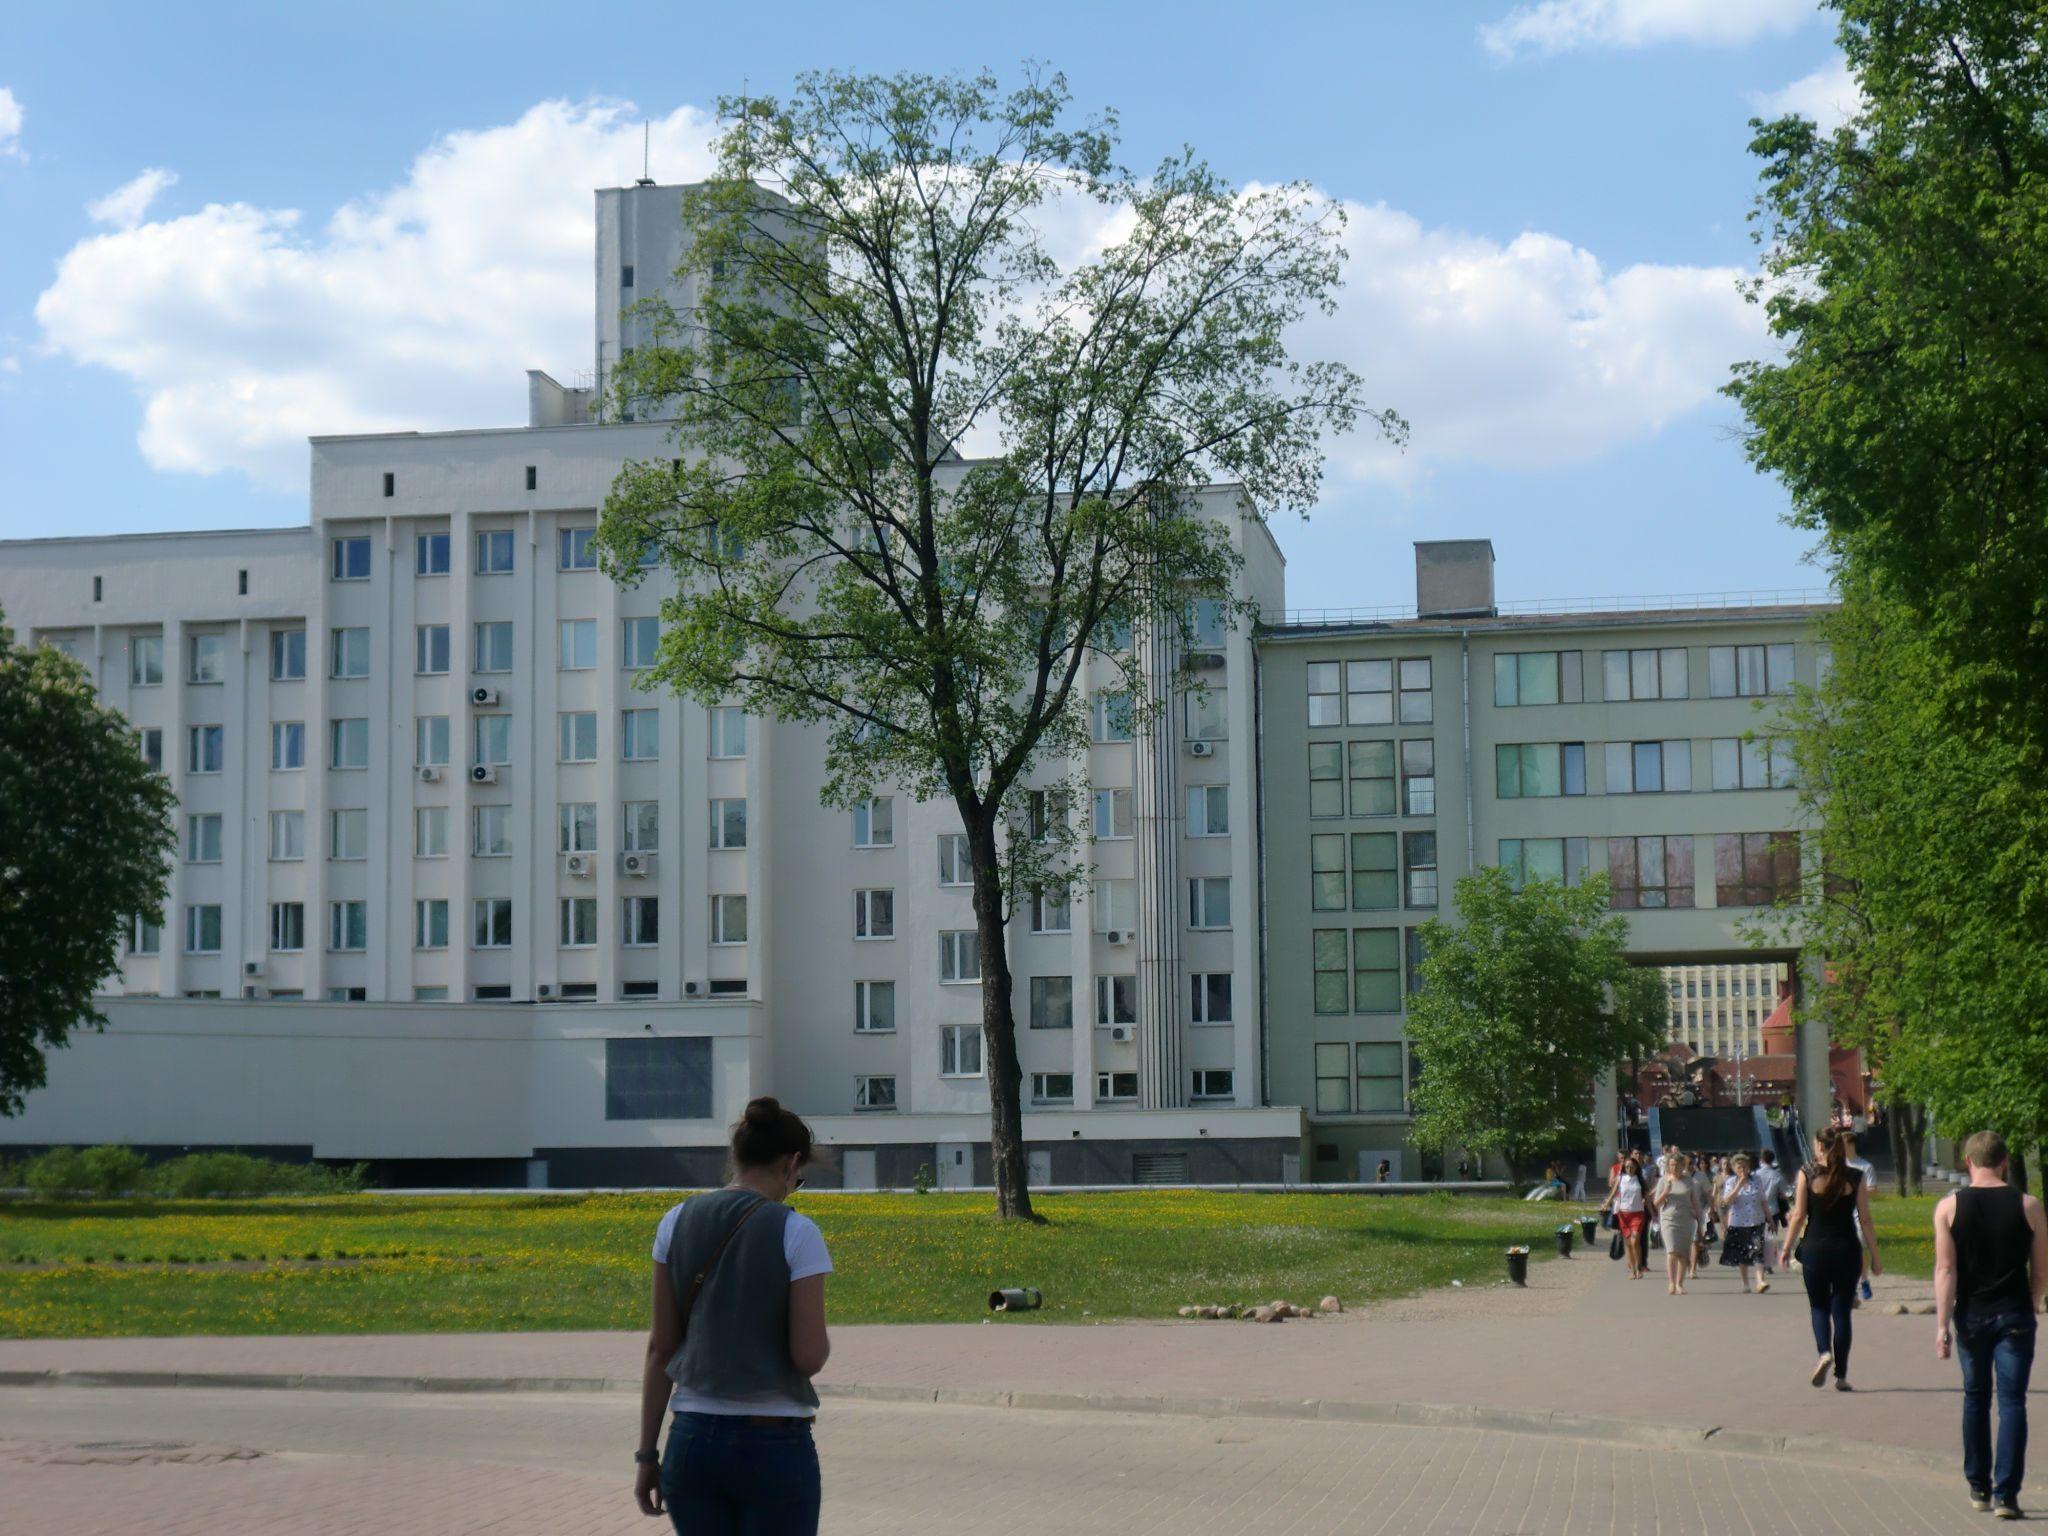 Minsk university - Minsk, 1 amazing city you have to see